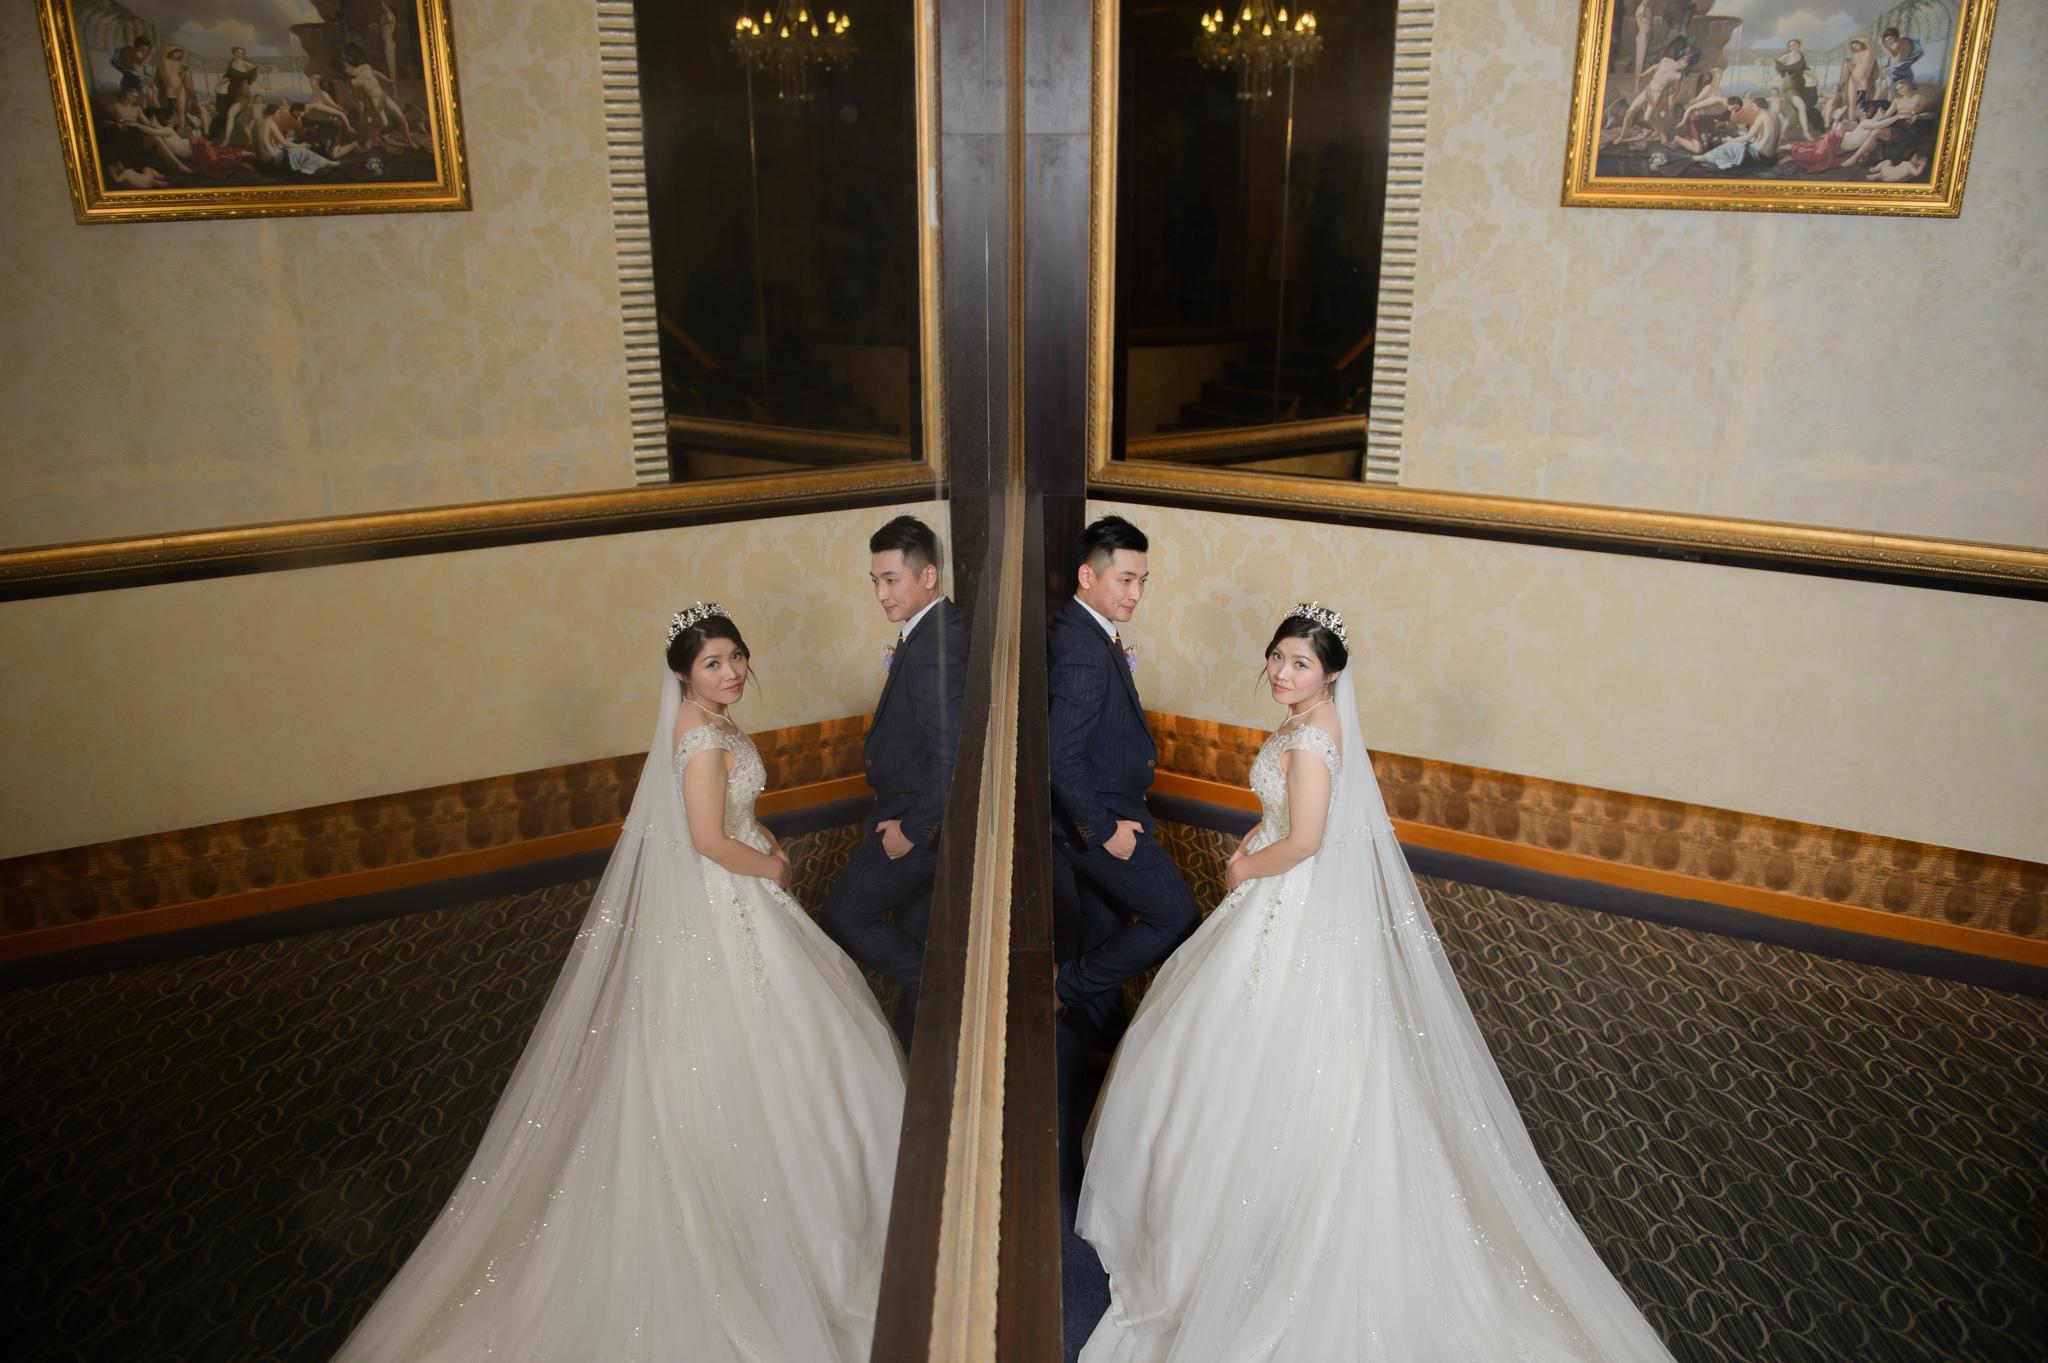 新竹婚攝,台中婚攝,婚禮紀錄,新竹兆品酒店,Nenchis